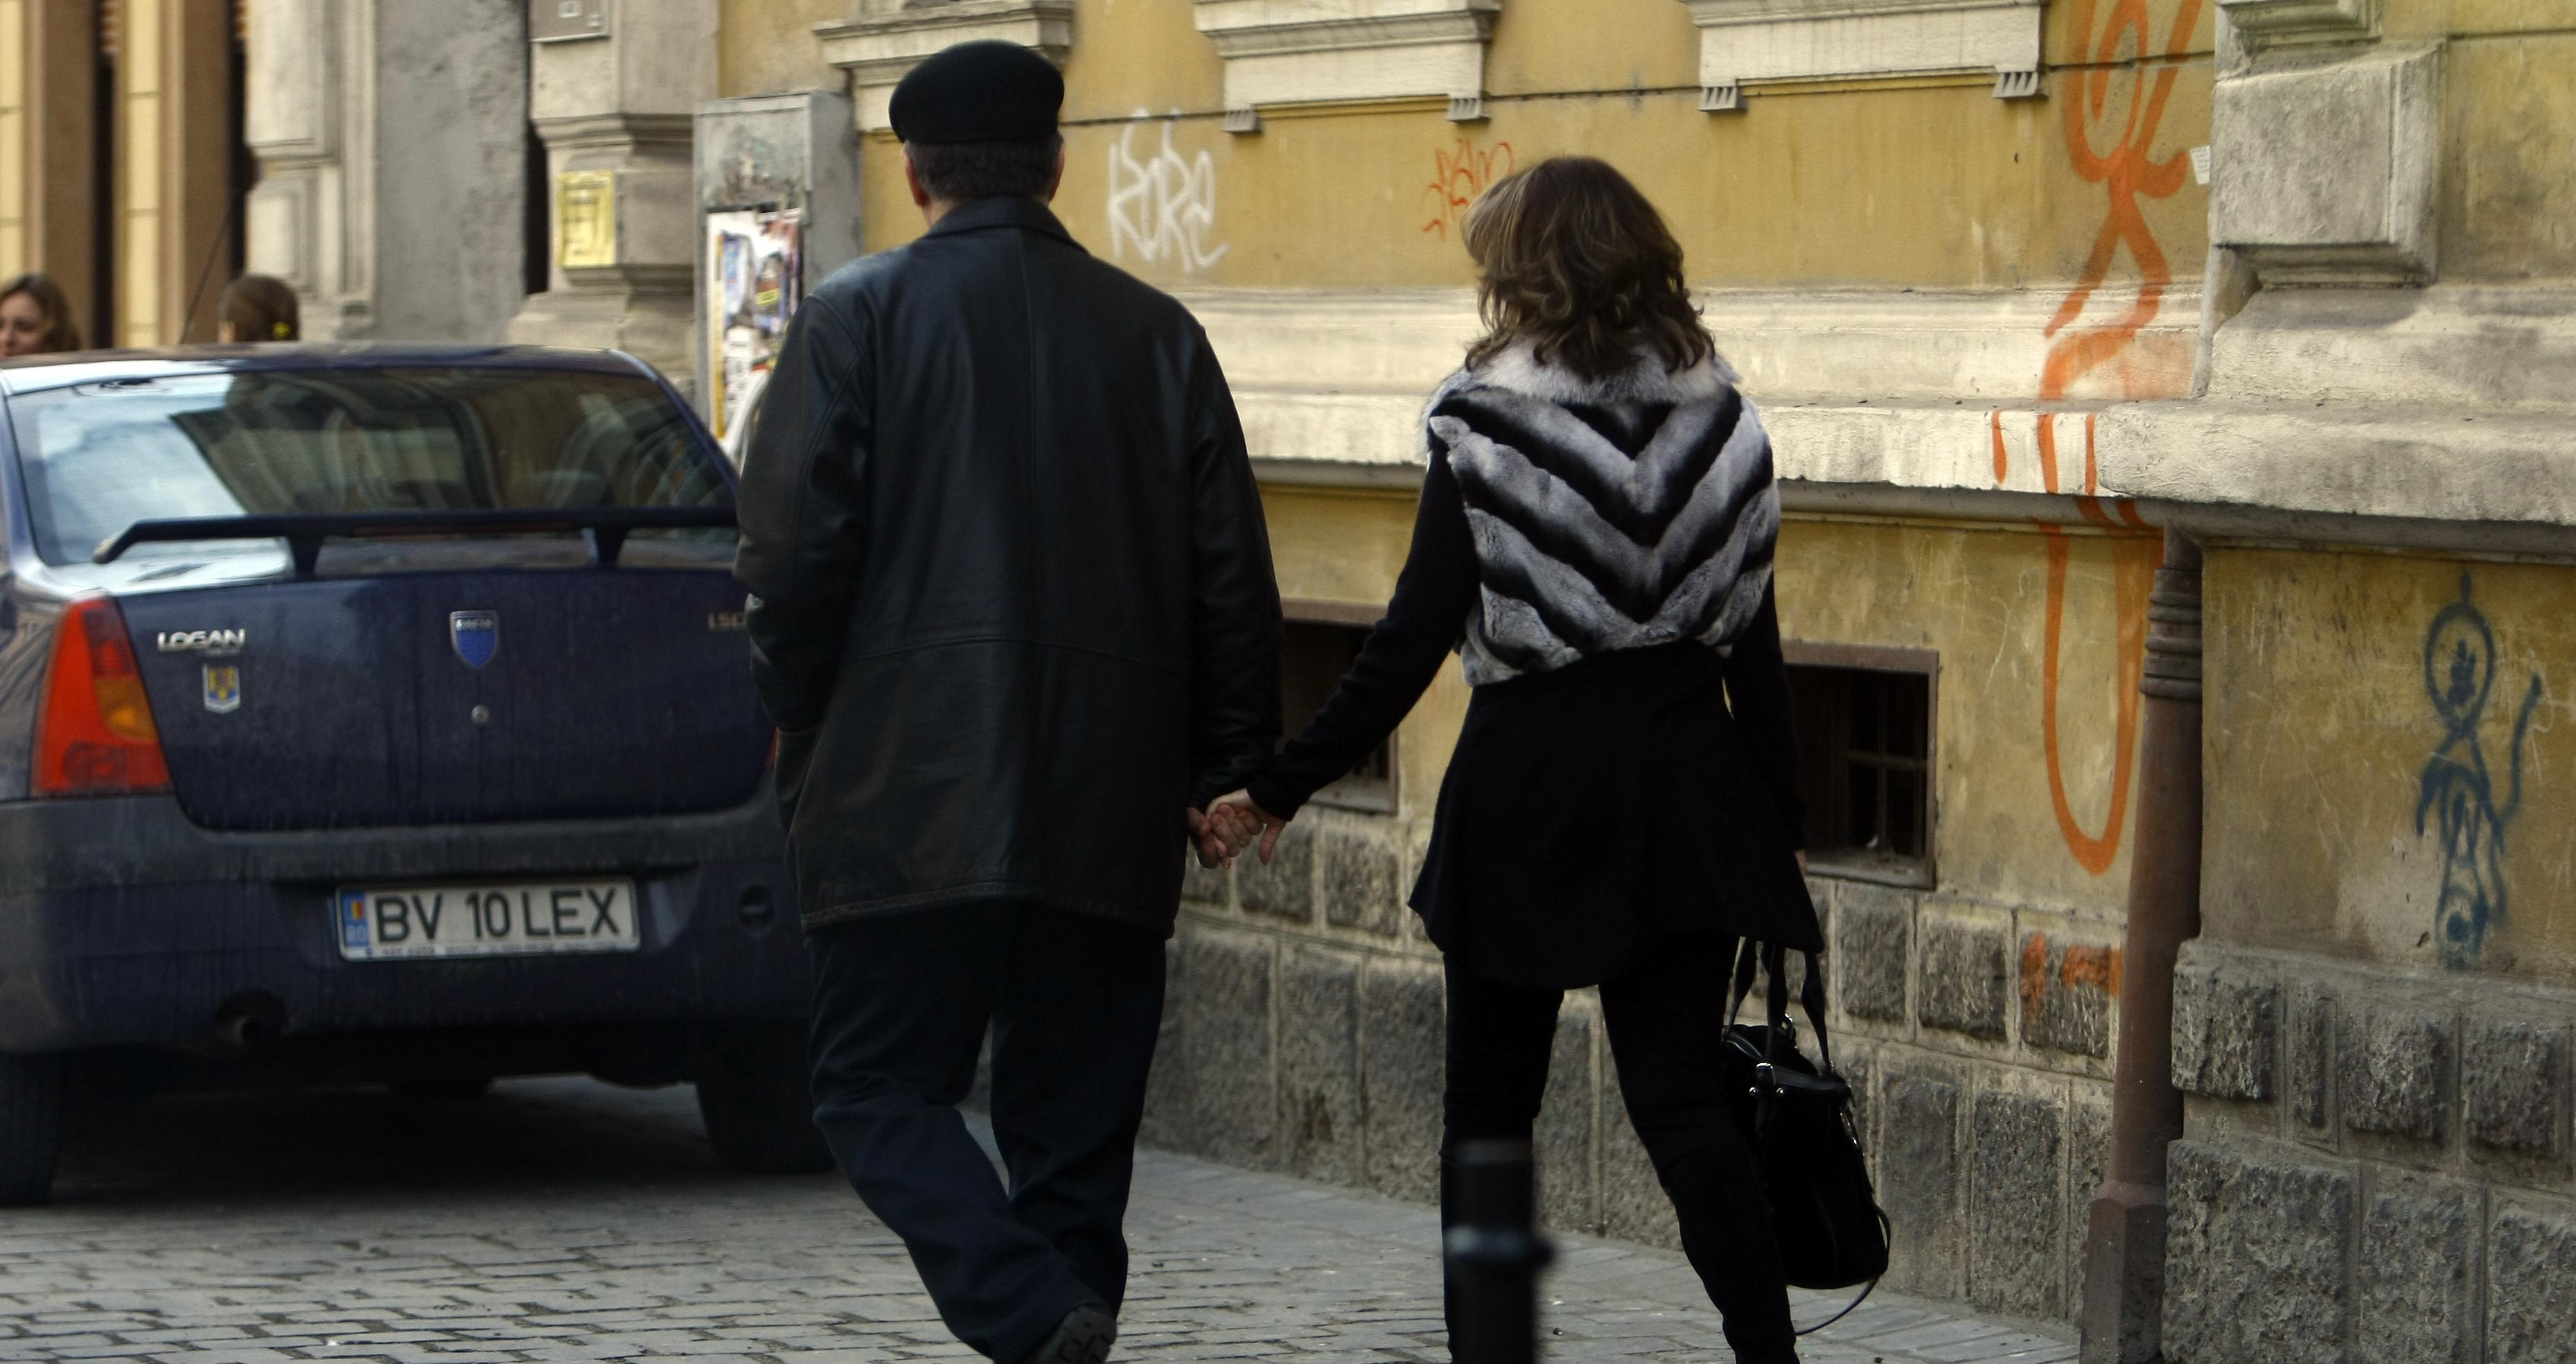 Cei doi s-au plimbat pe strazile din Brasov